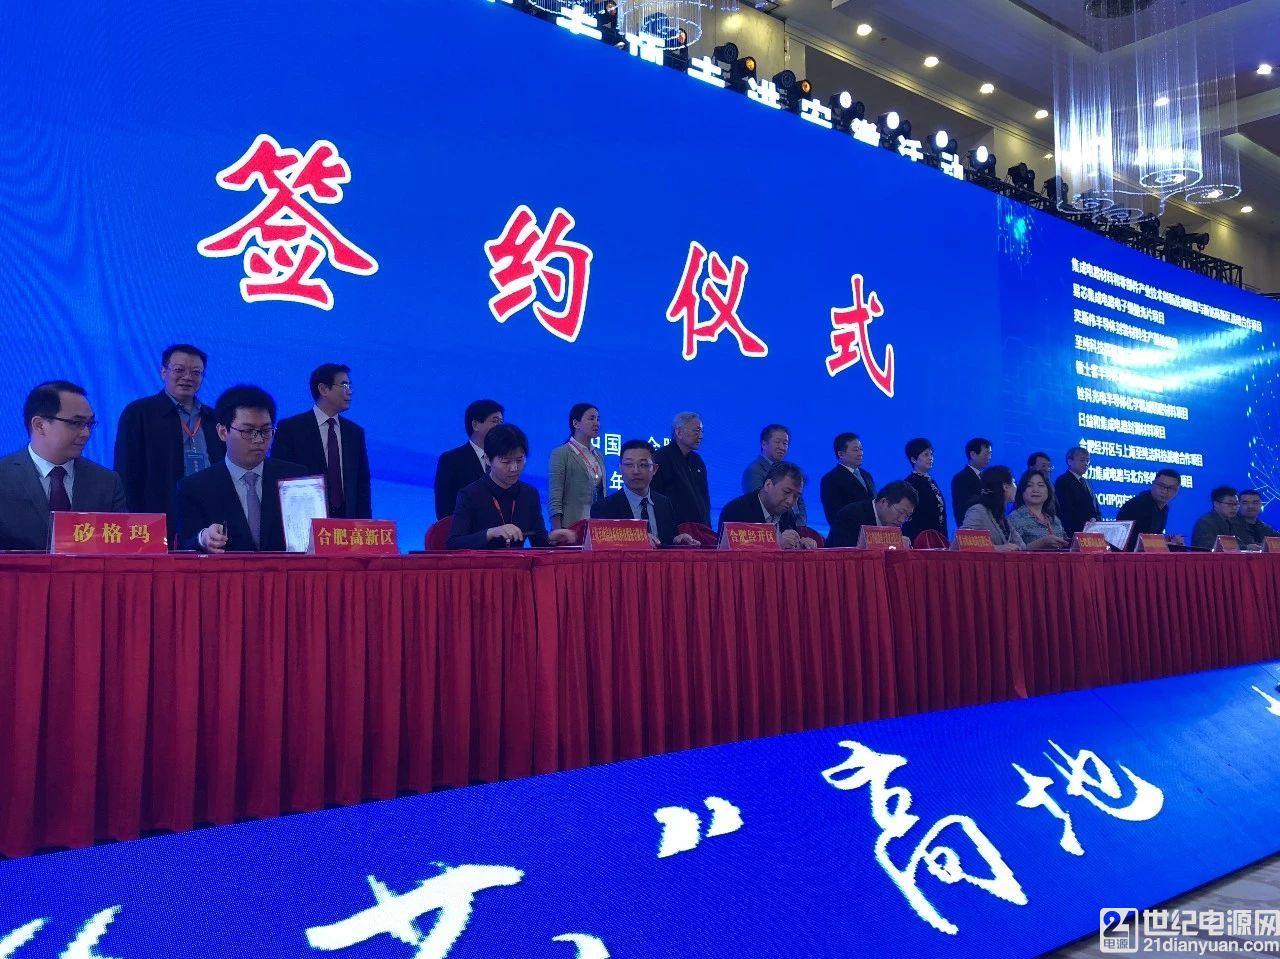 合肥的发展其实也是中国集成电路产业发展的重要环节,国家集成电路